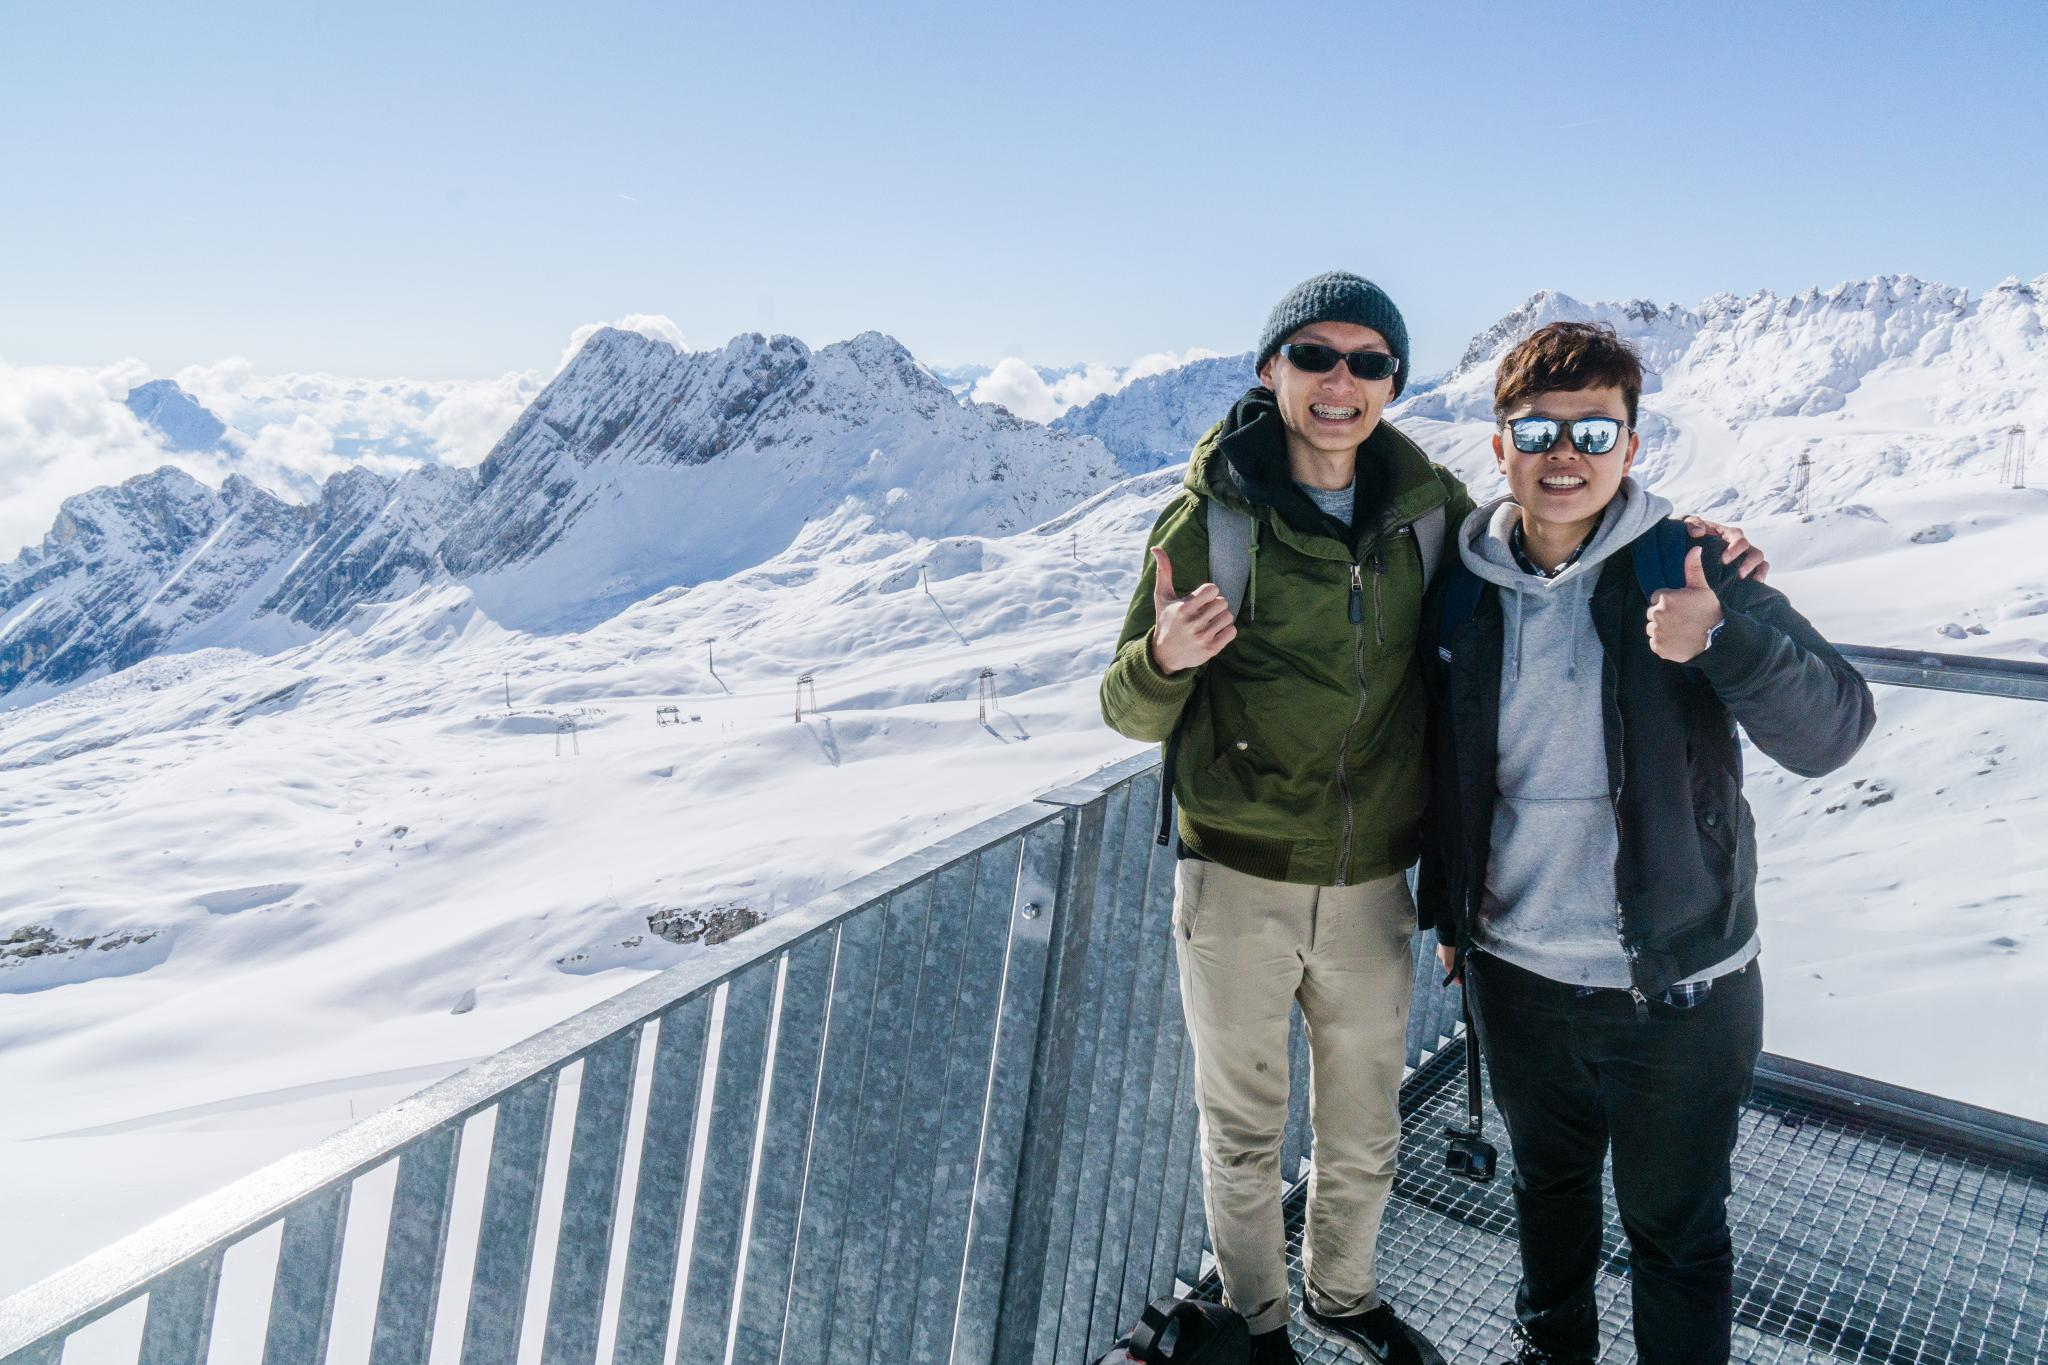 【德國】阿爾卑斯大道:楚格峰 (Zugspitze) 登上德國之巔 33